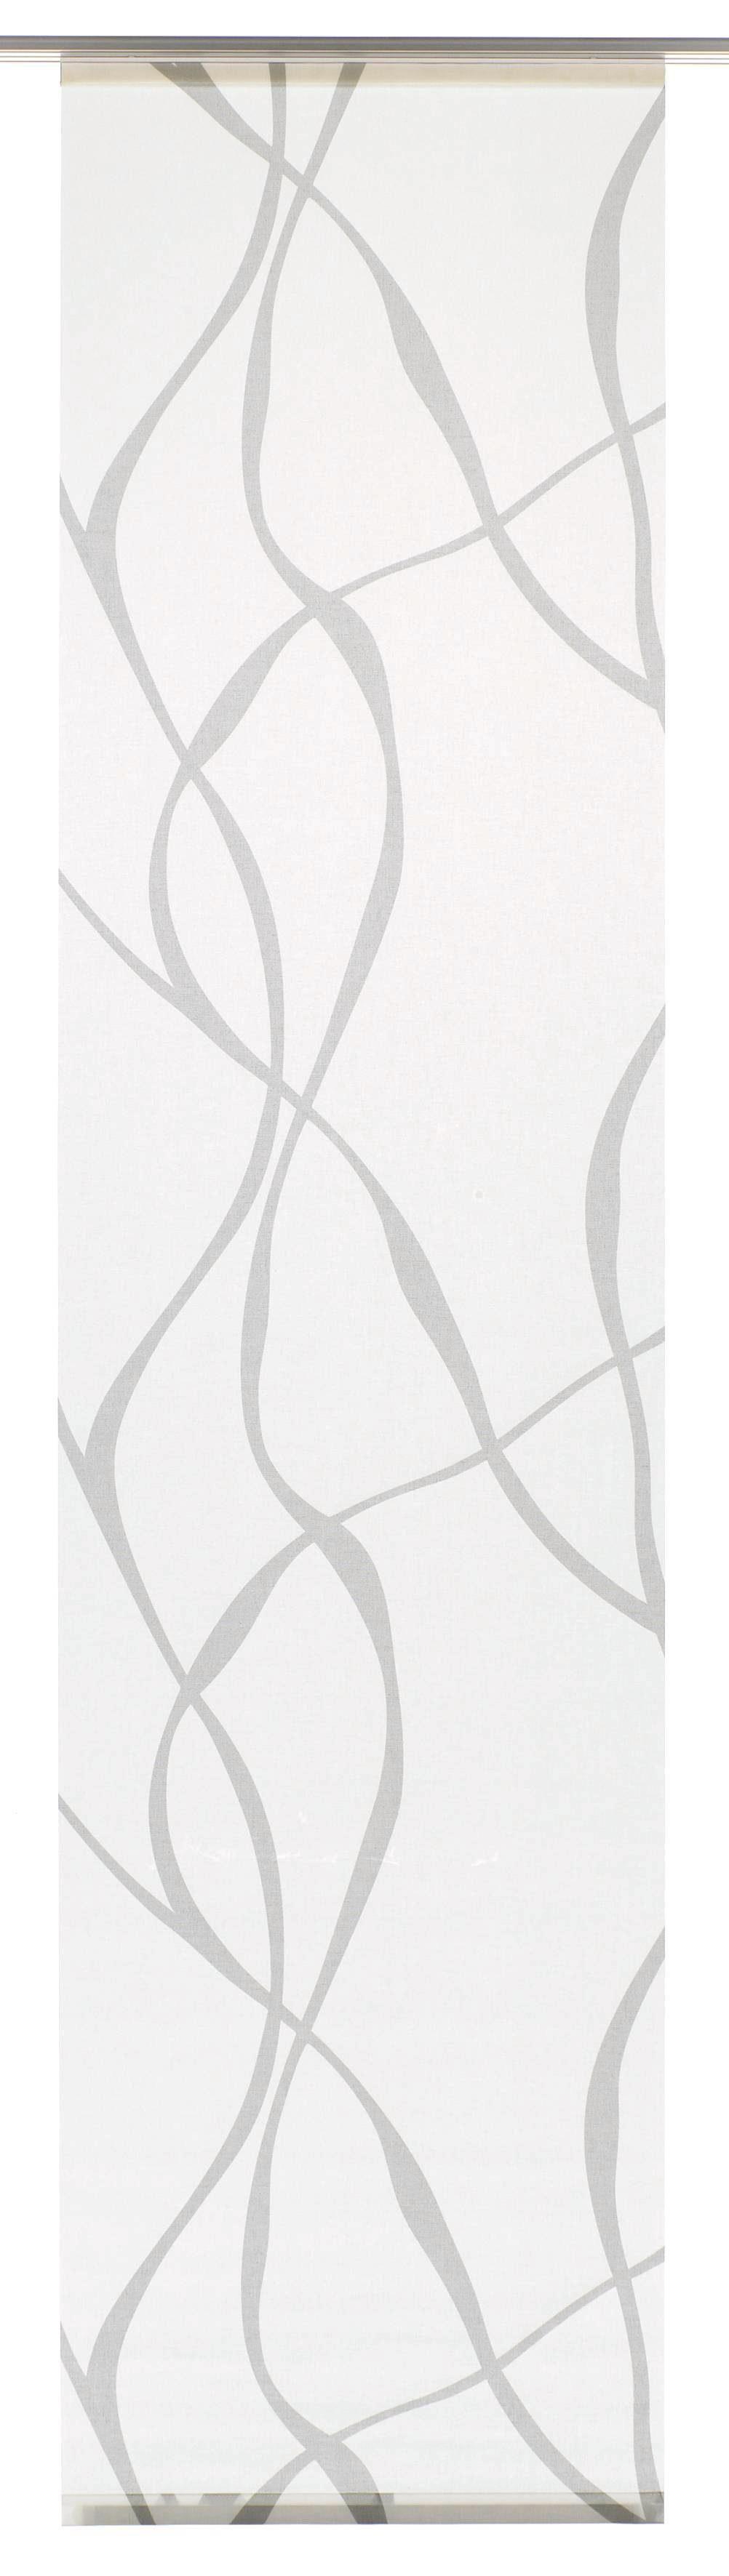 Komplett Neu Schiebegardine, Gardinia, »Wave«, mit Klettband, waschbar, 60 cm  LE69